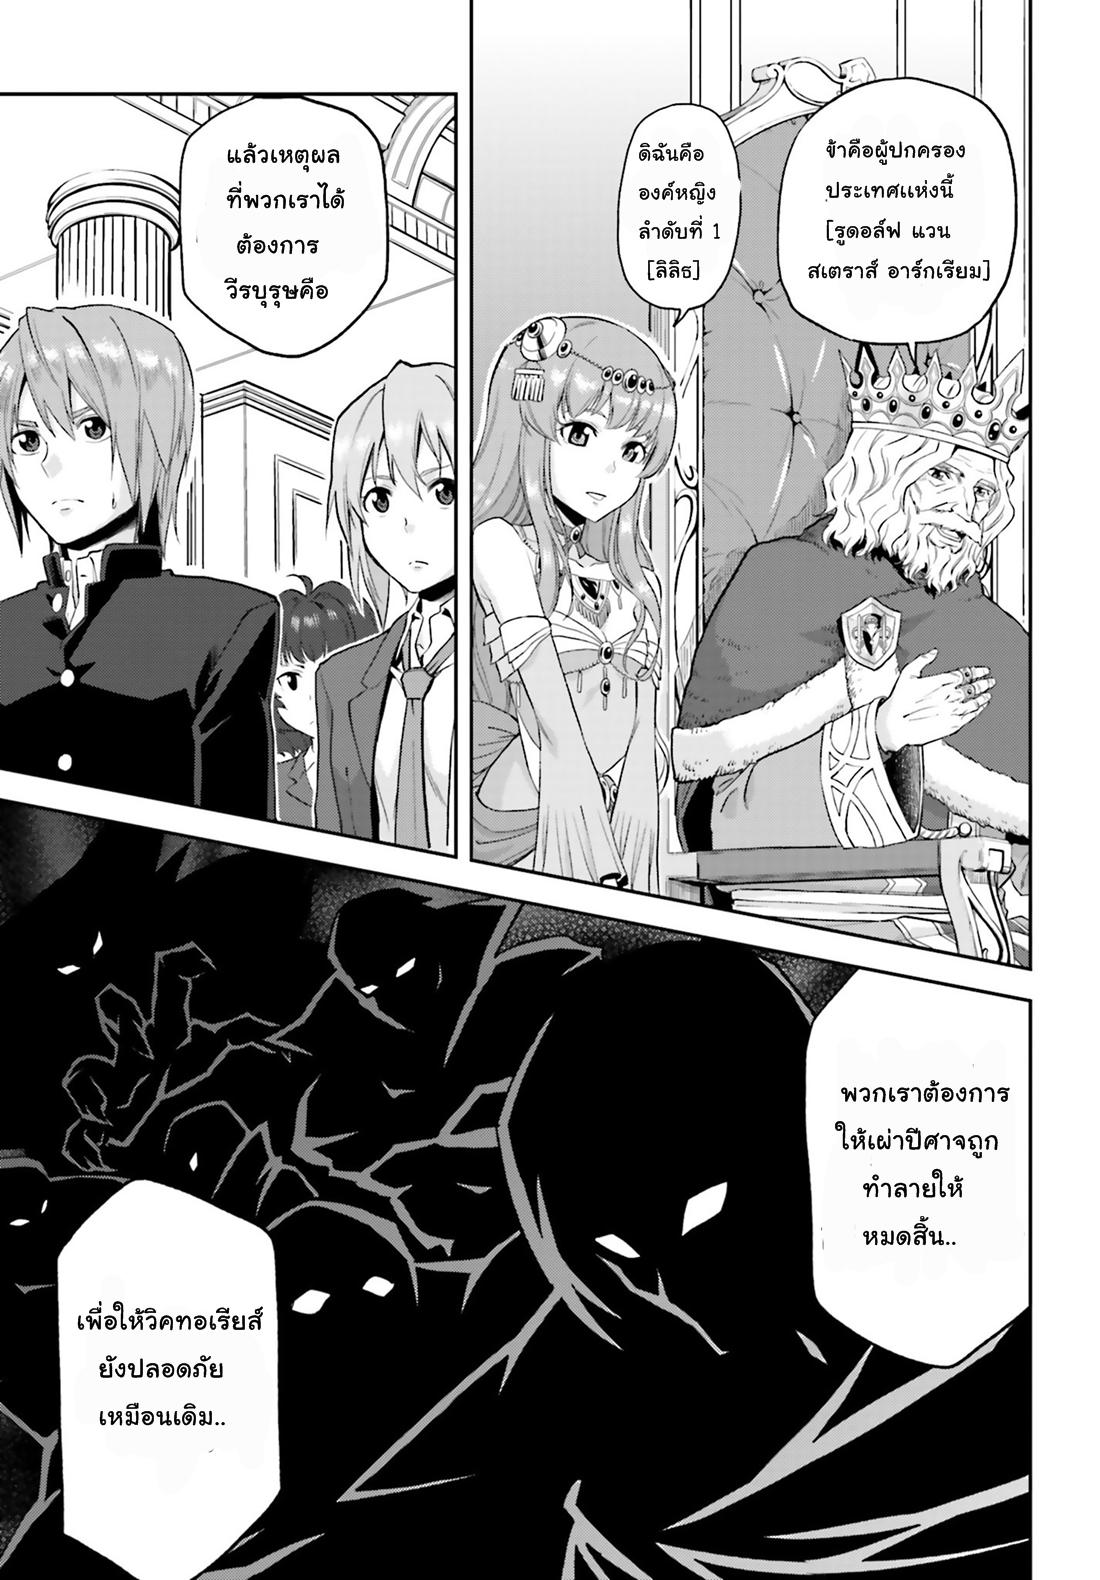 อ่านการ์ตูน Konjiki no Word Master 1 ภาพที่ 12